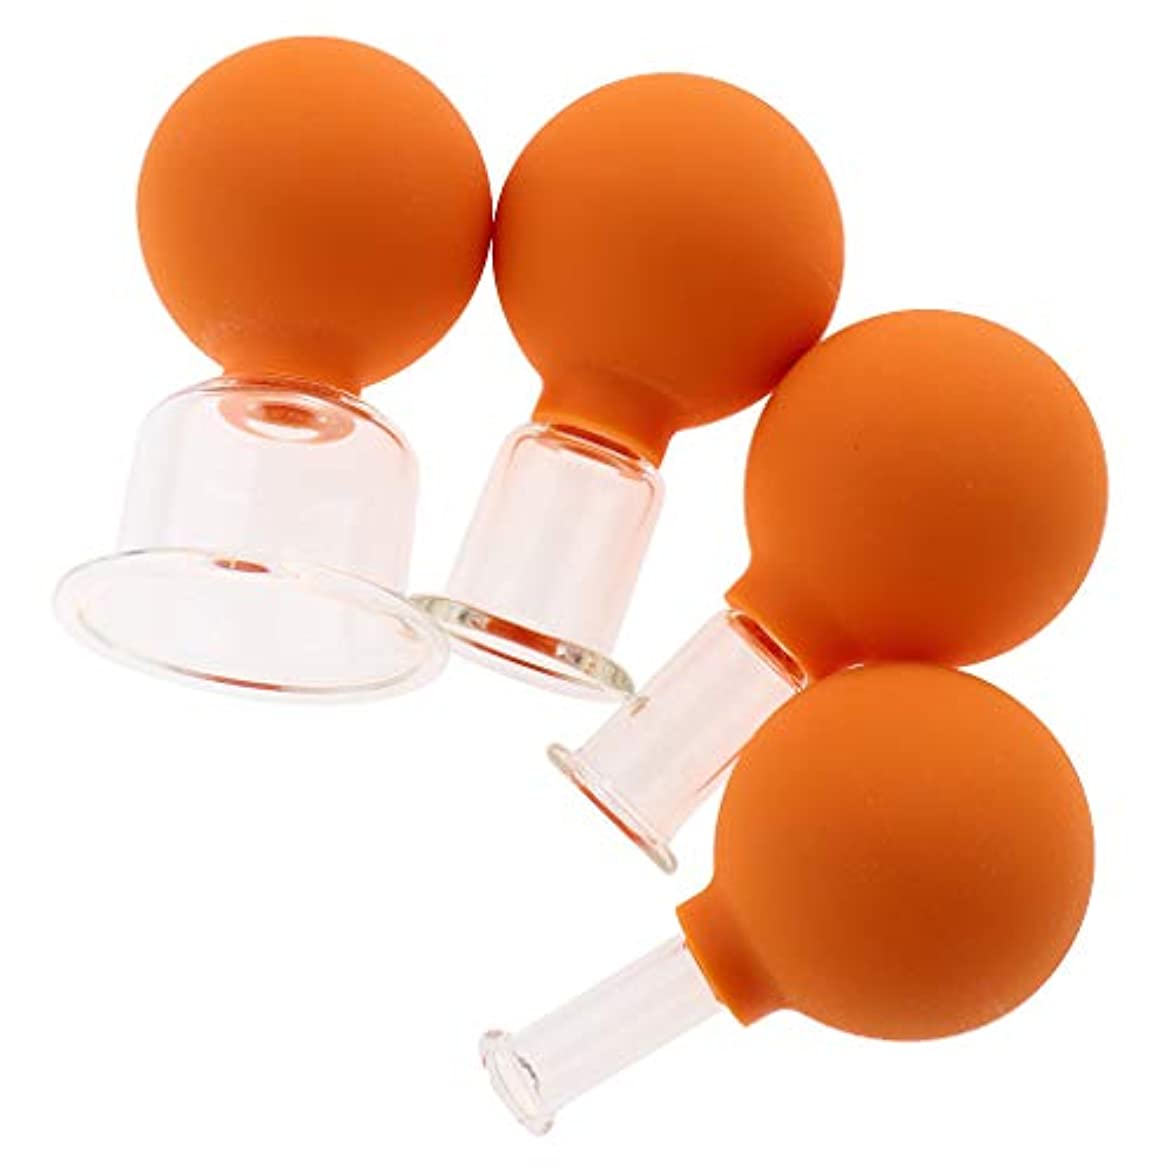 チーフ平日フェードアウトdailymall 4セットガラス真空マッサージフェイスアイカッピングカップアンチセルライト - オレンジ